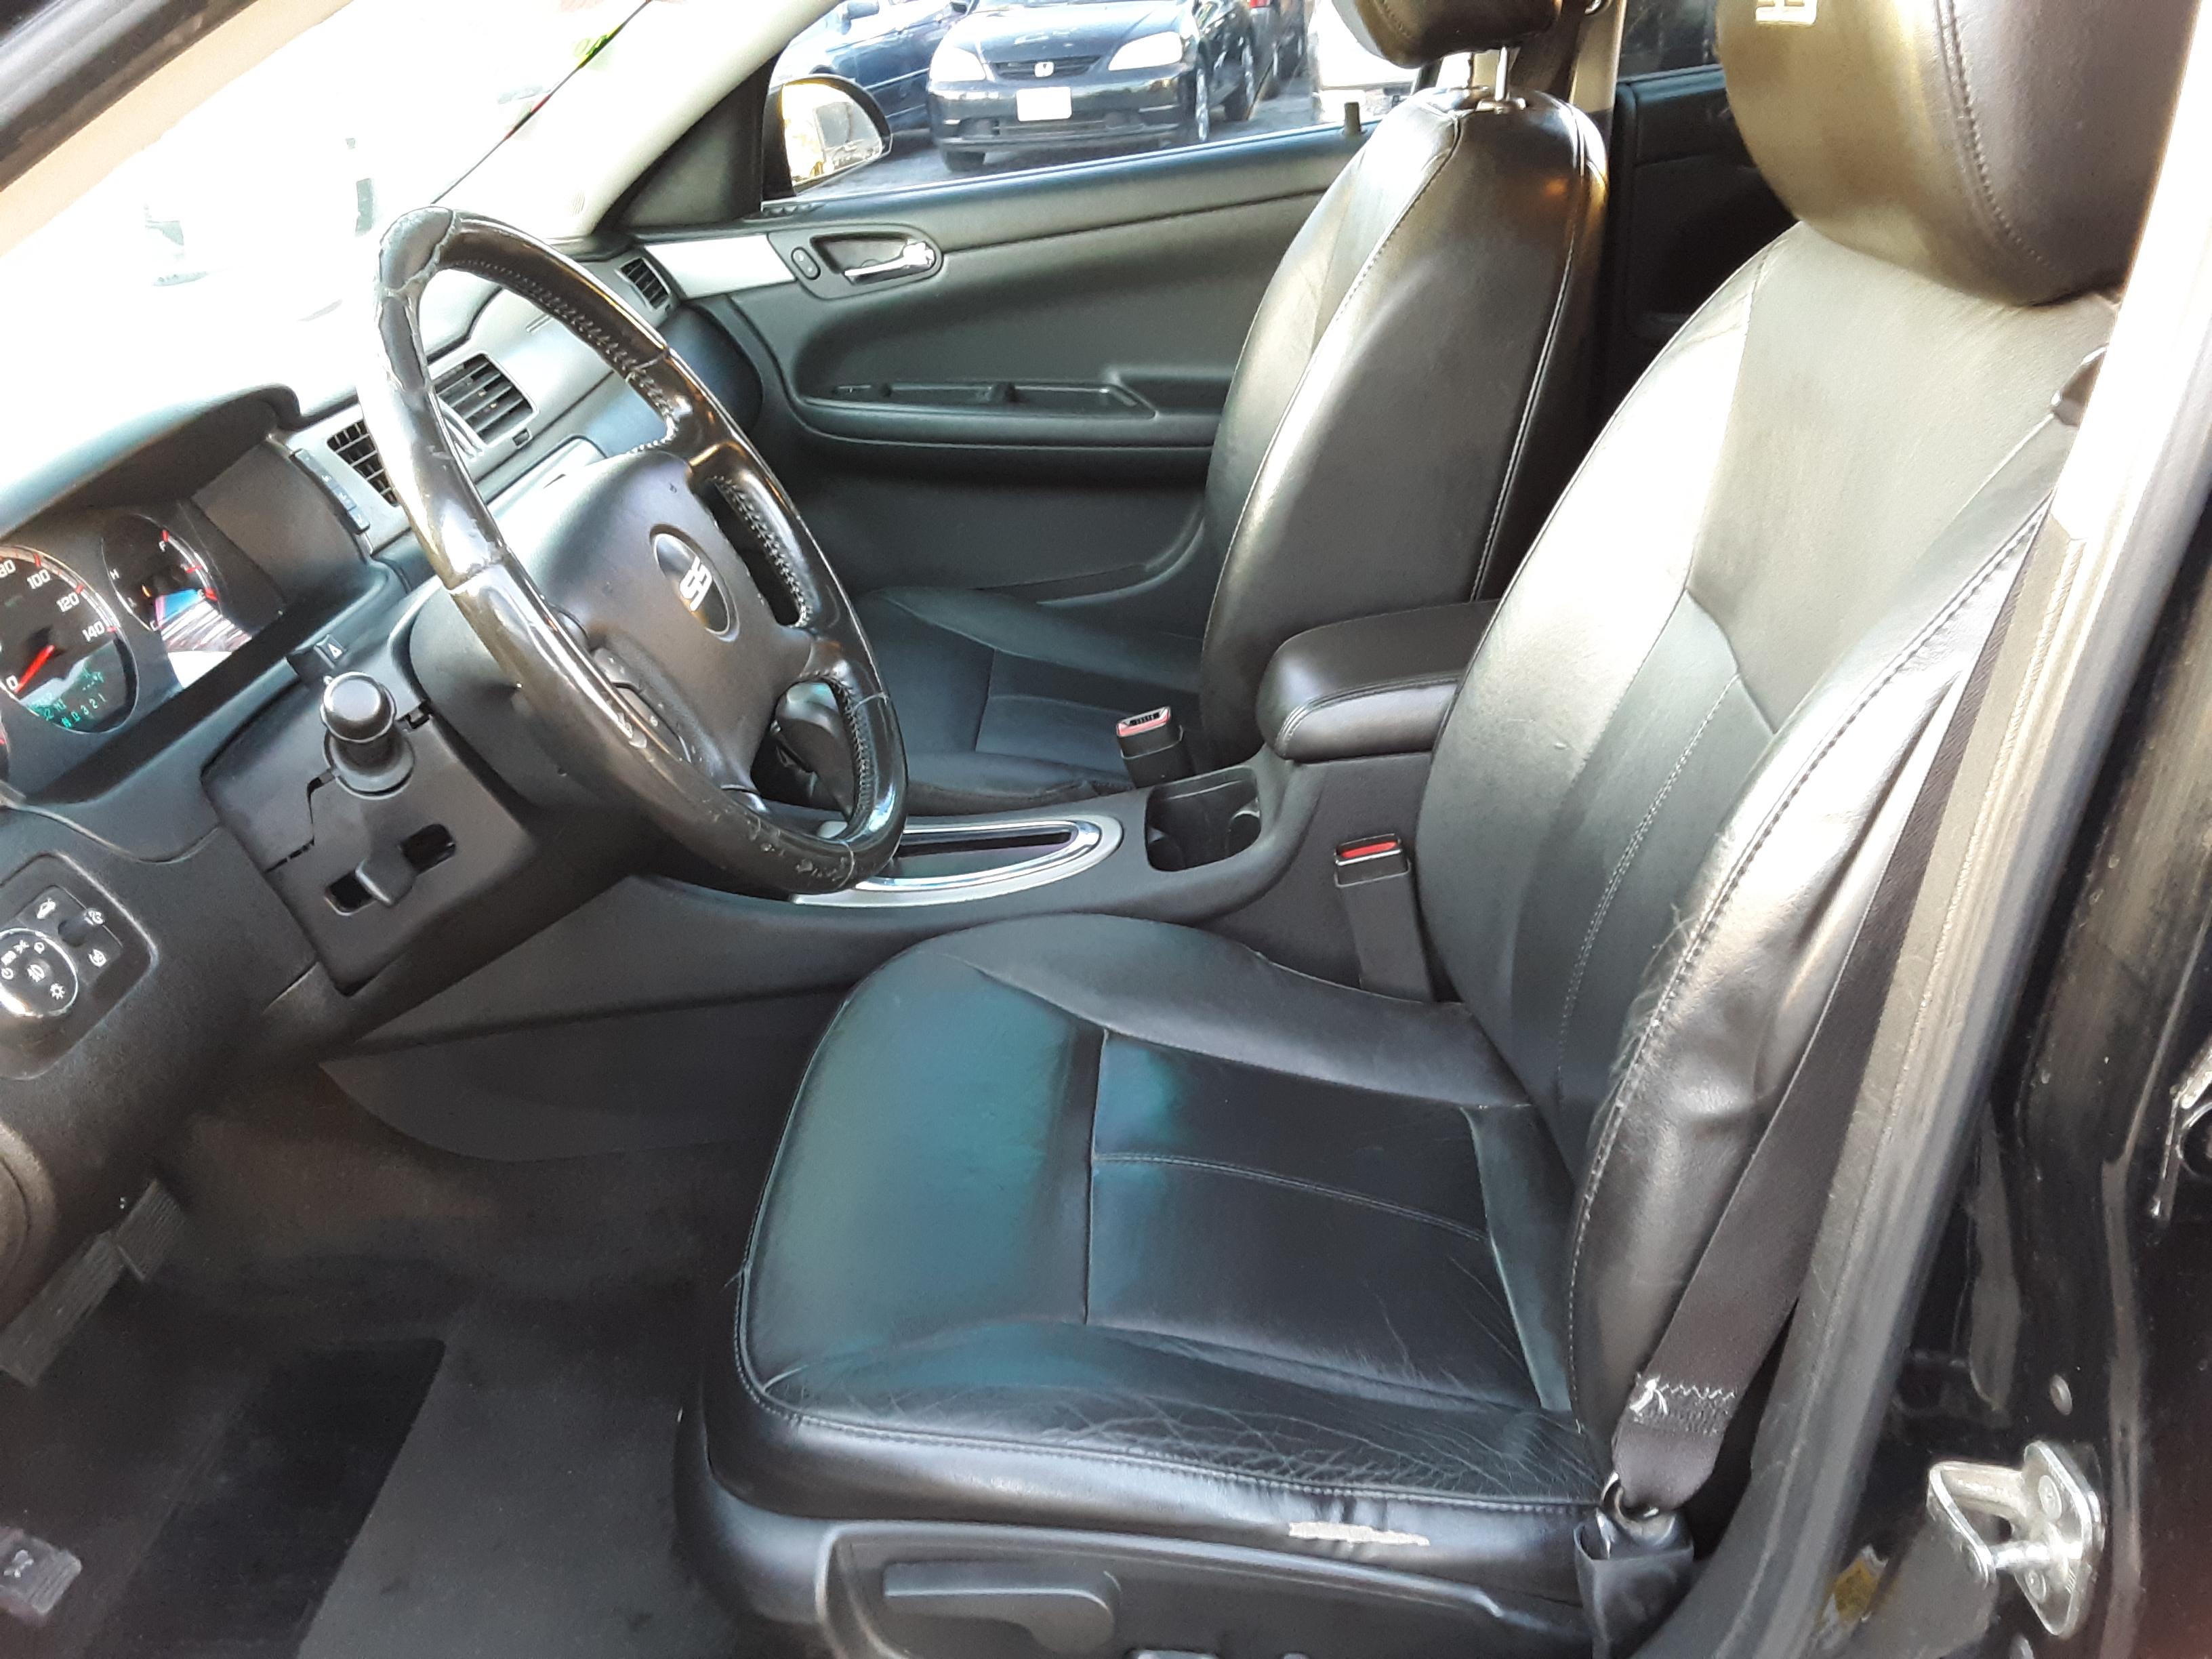 2009 Chevrolet Impala SS V8